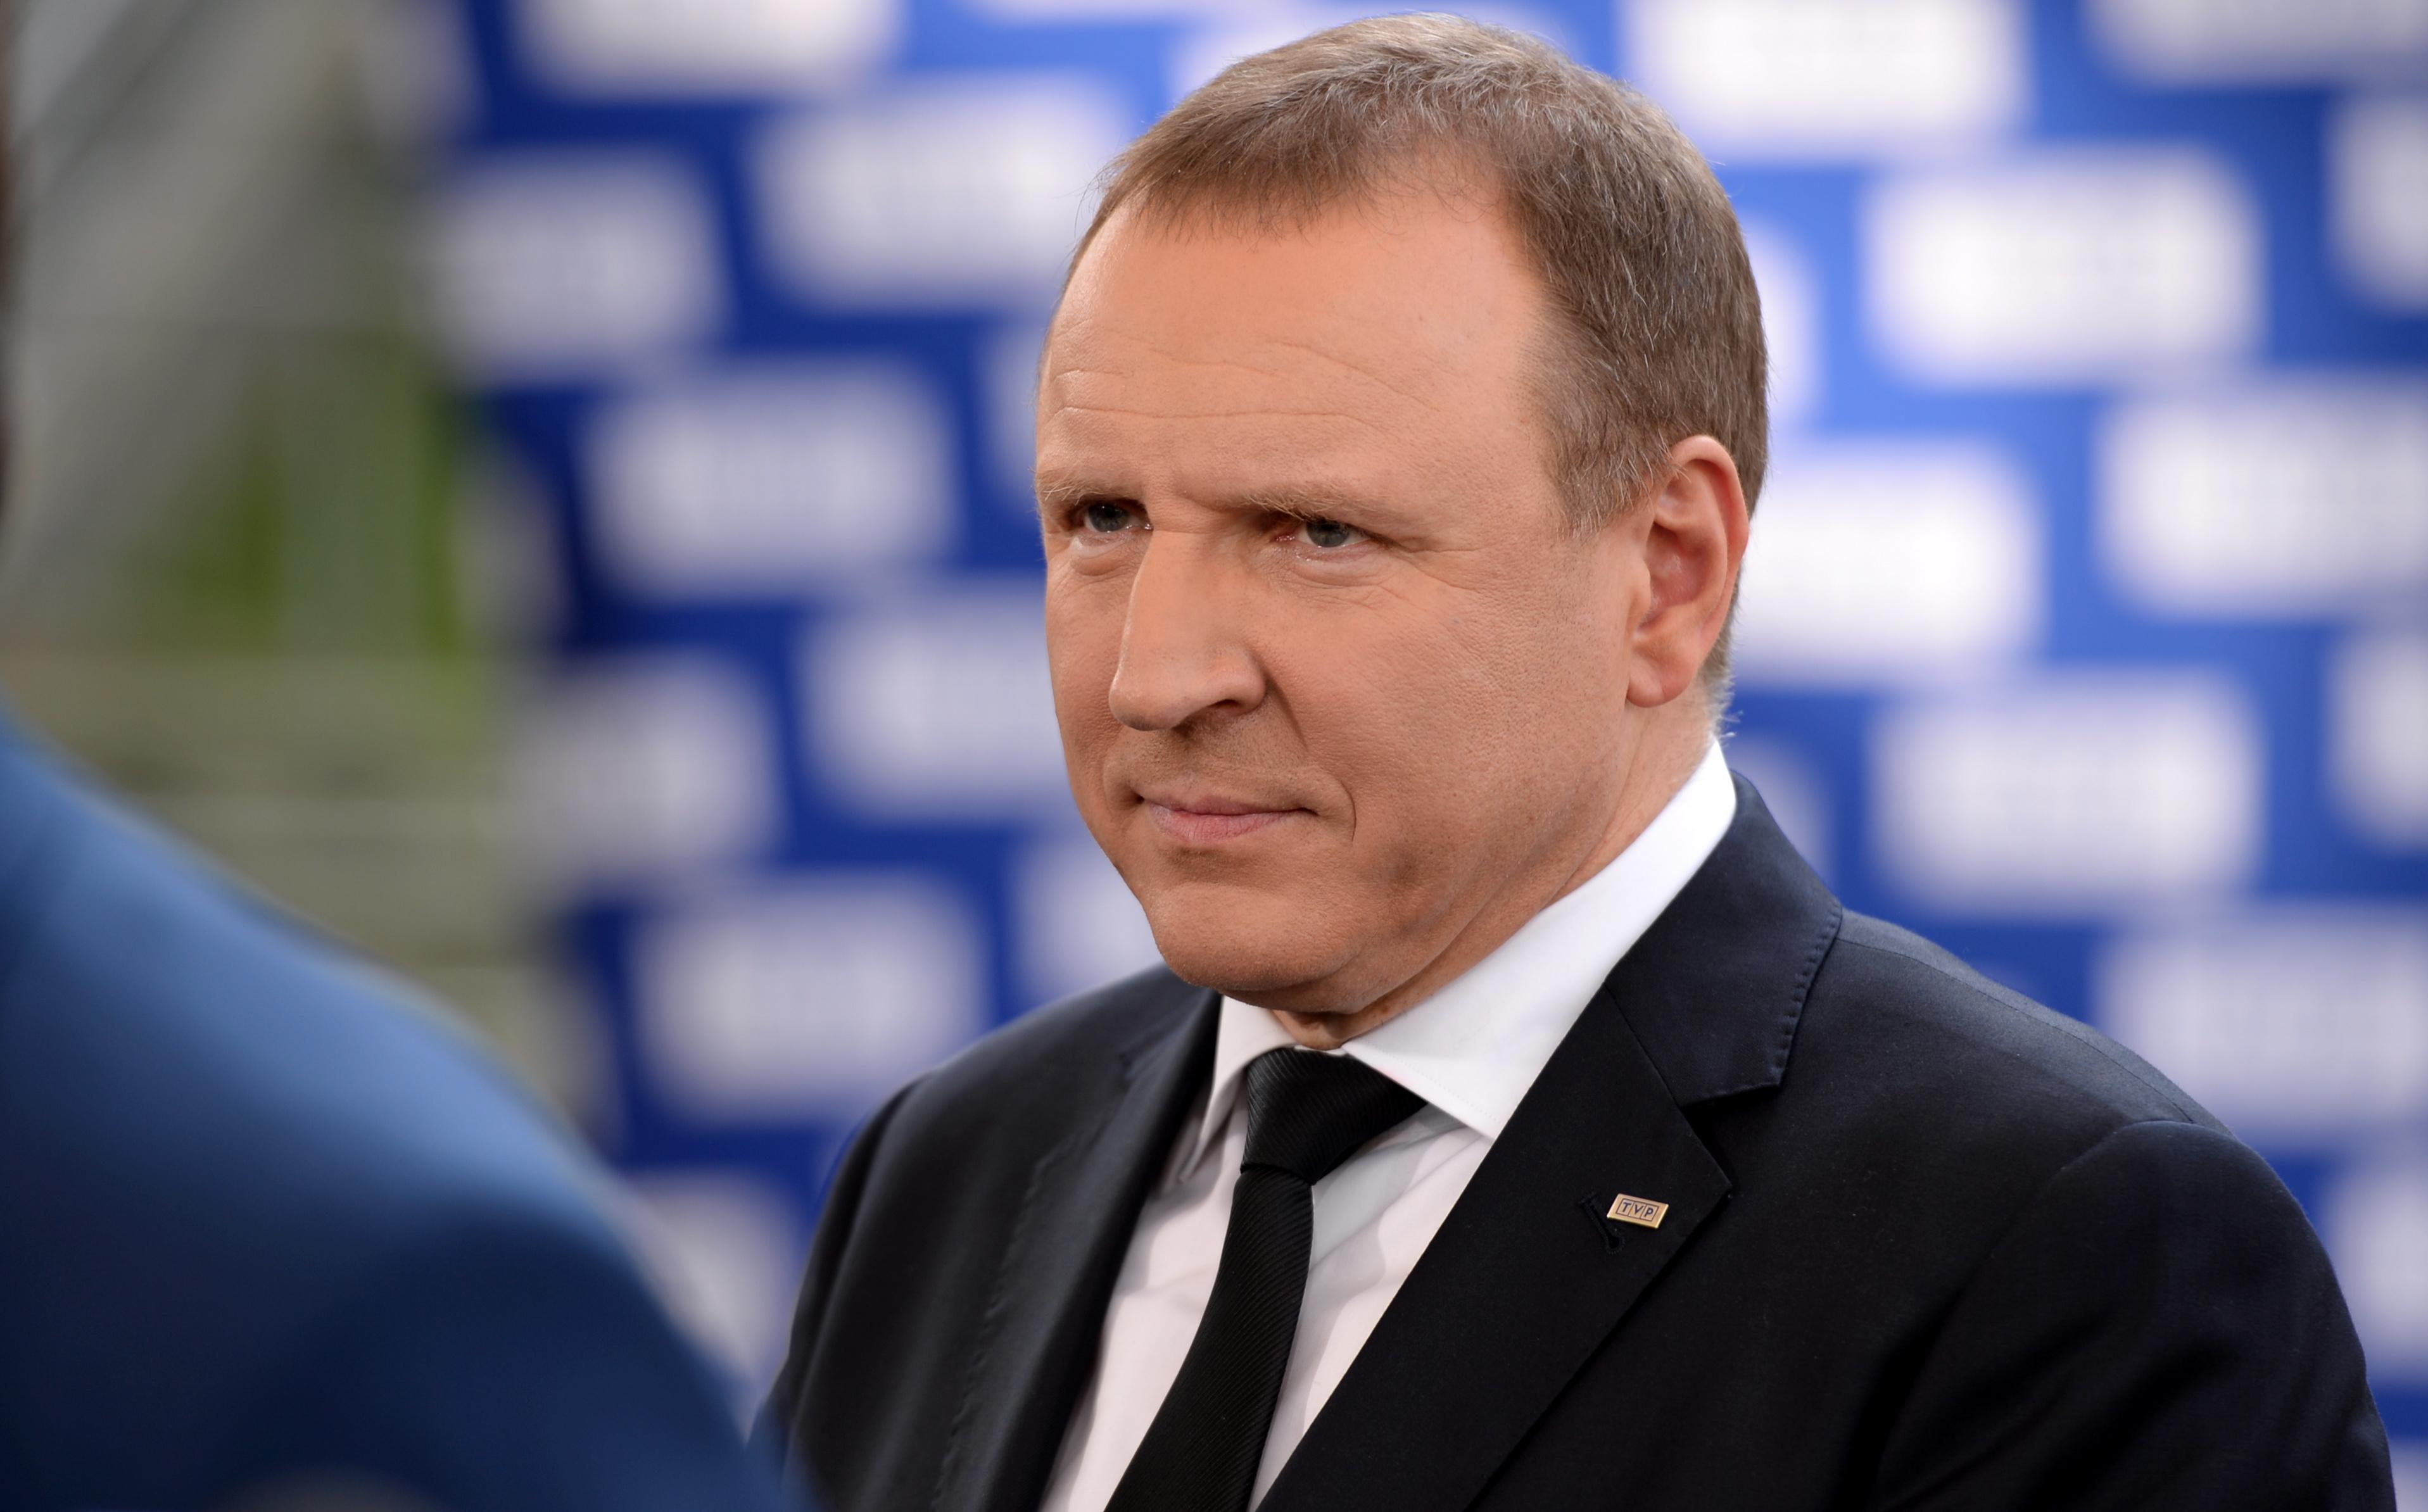 Prezes TVP przyznawał gigantyczne premie kochance? Jacek ...